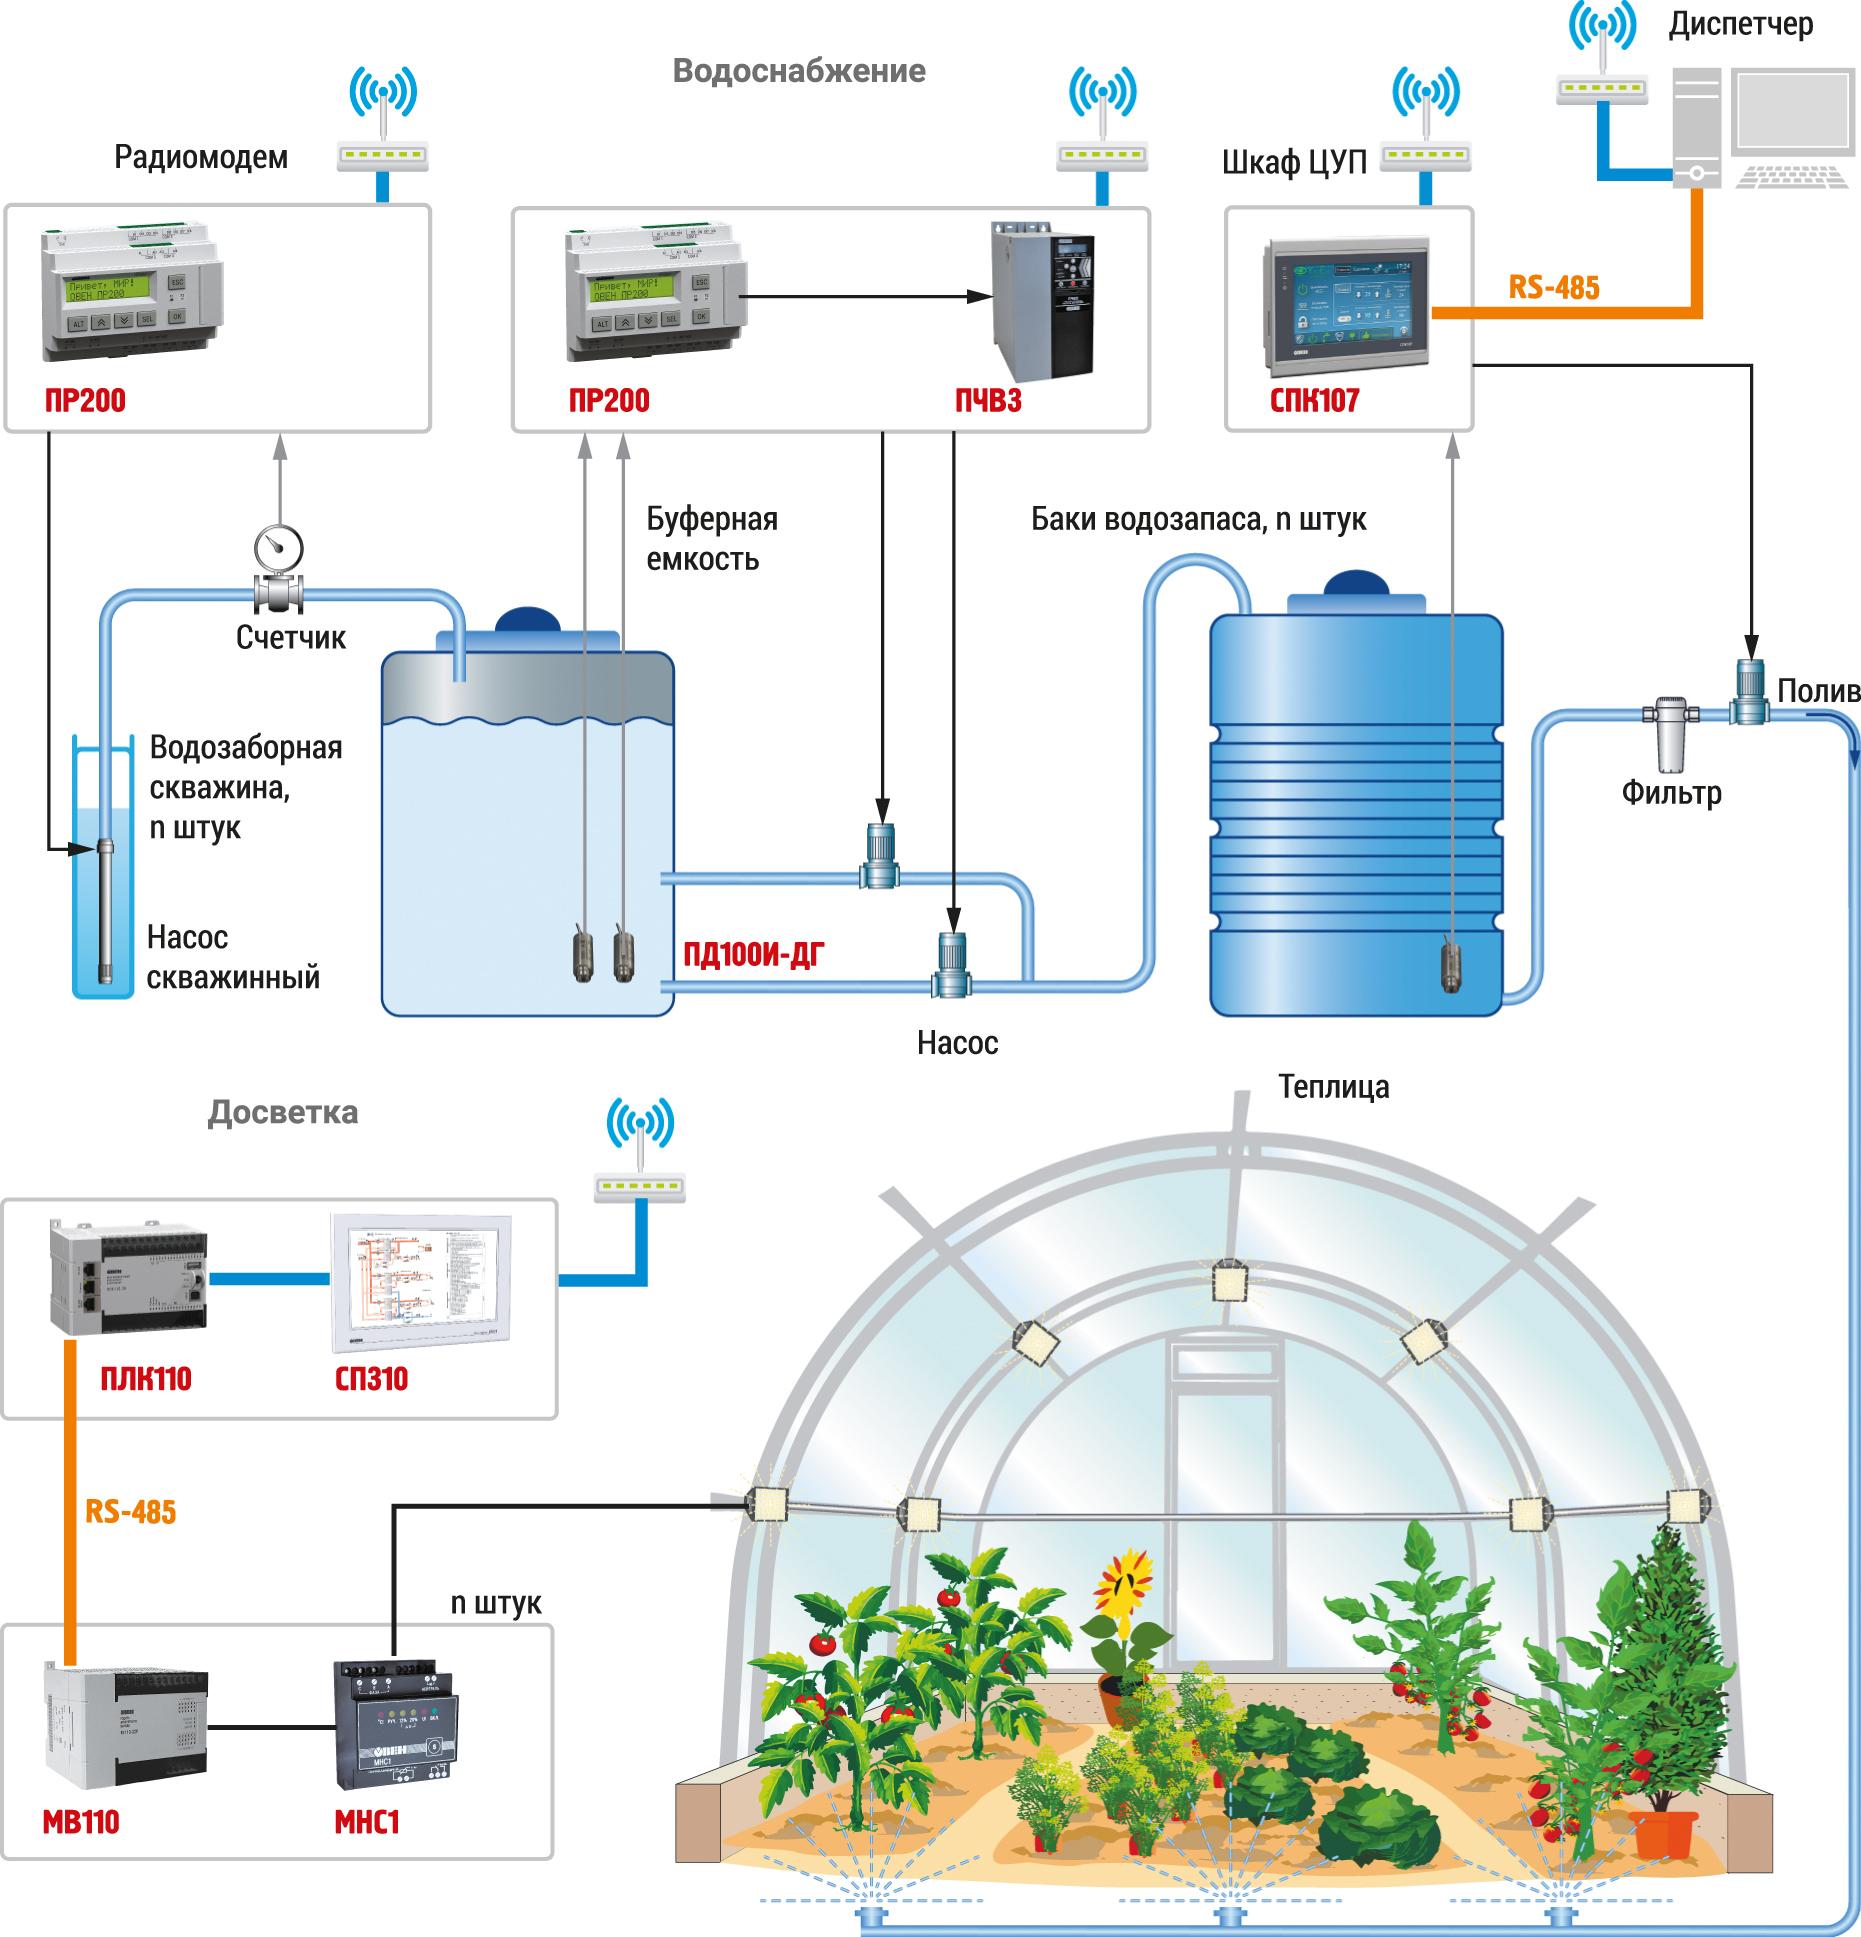 Функциональная схема управления водоснабжением и досветкой